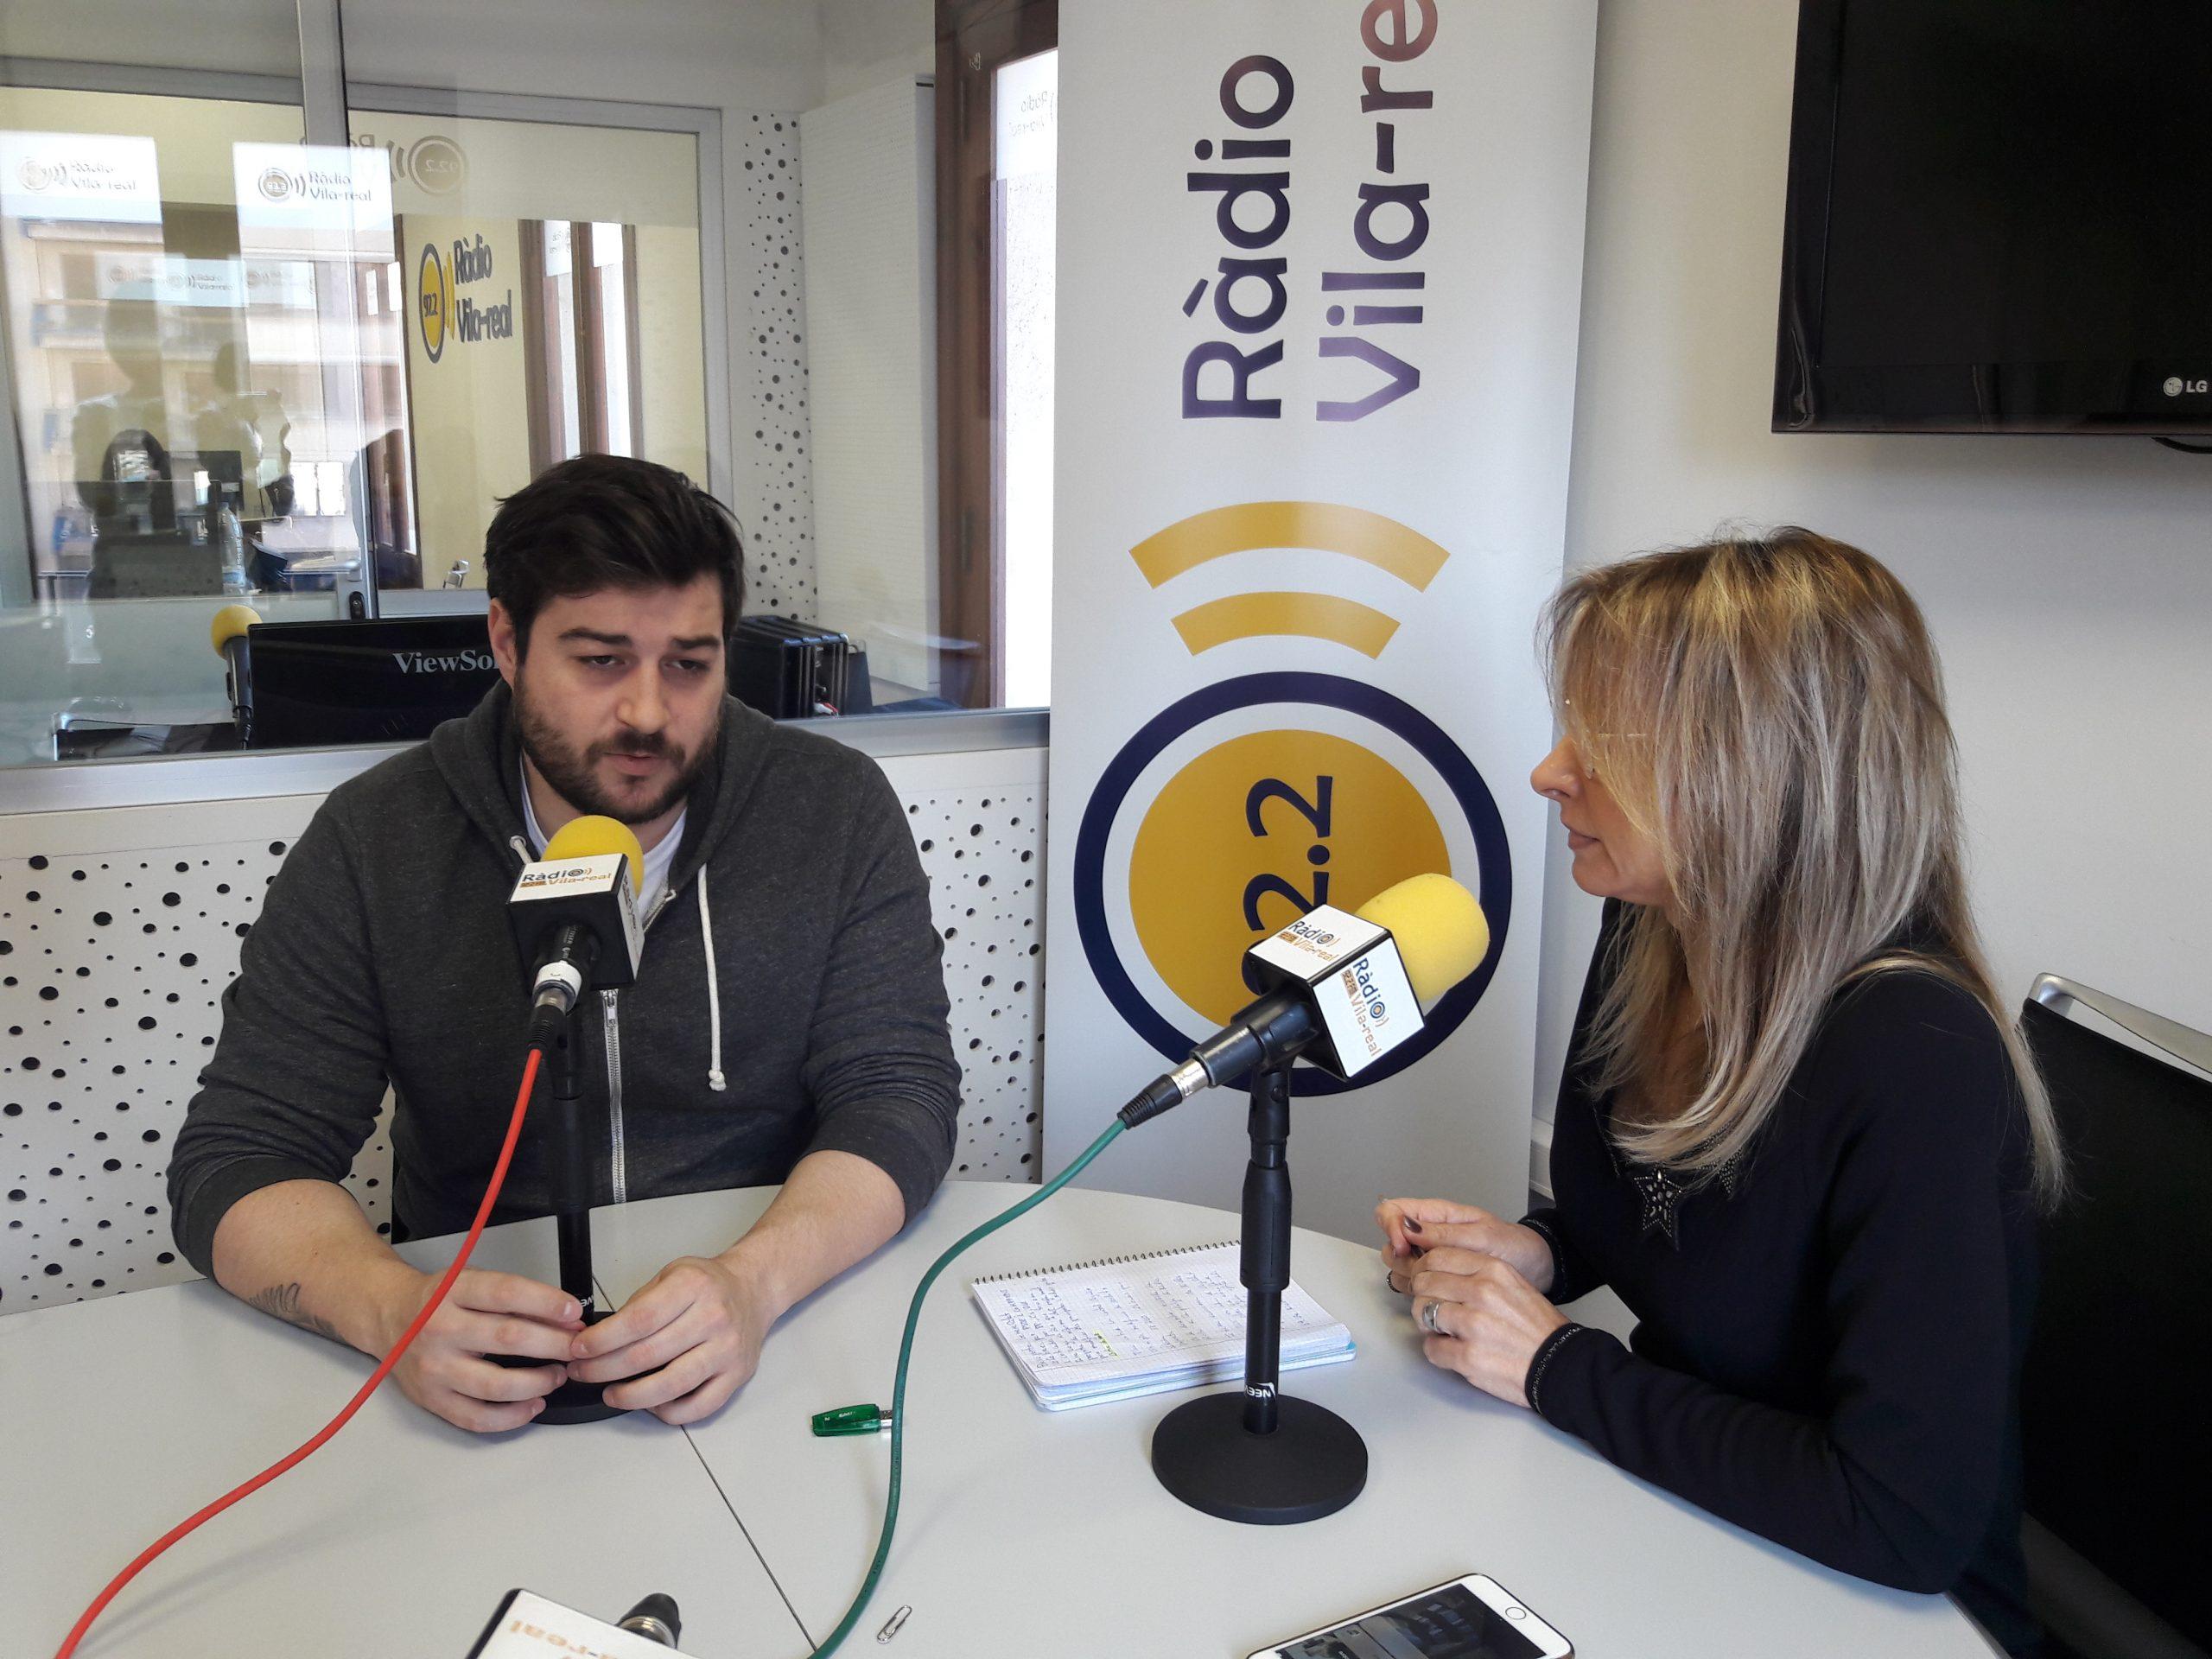 Entrevista al portavoz del PSOE, Adrián Sorribes